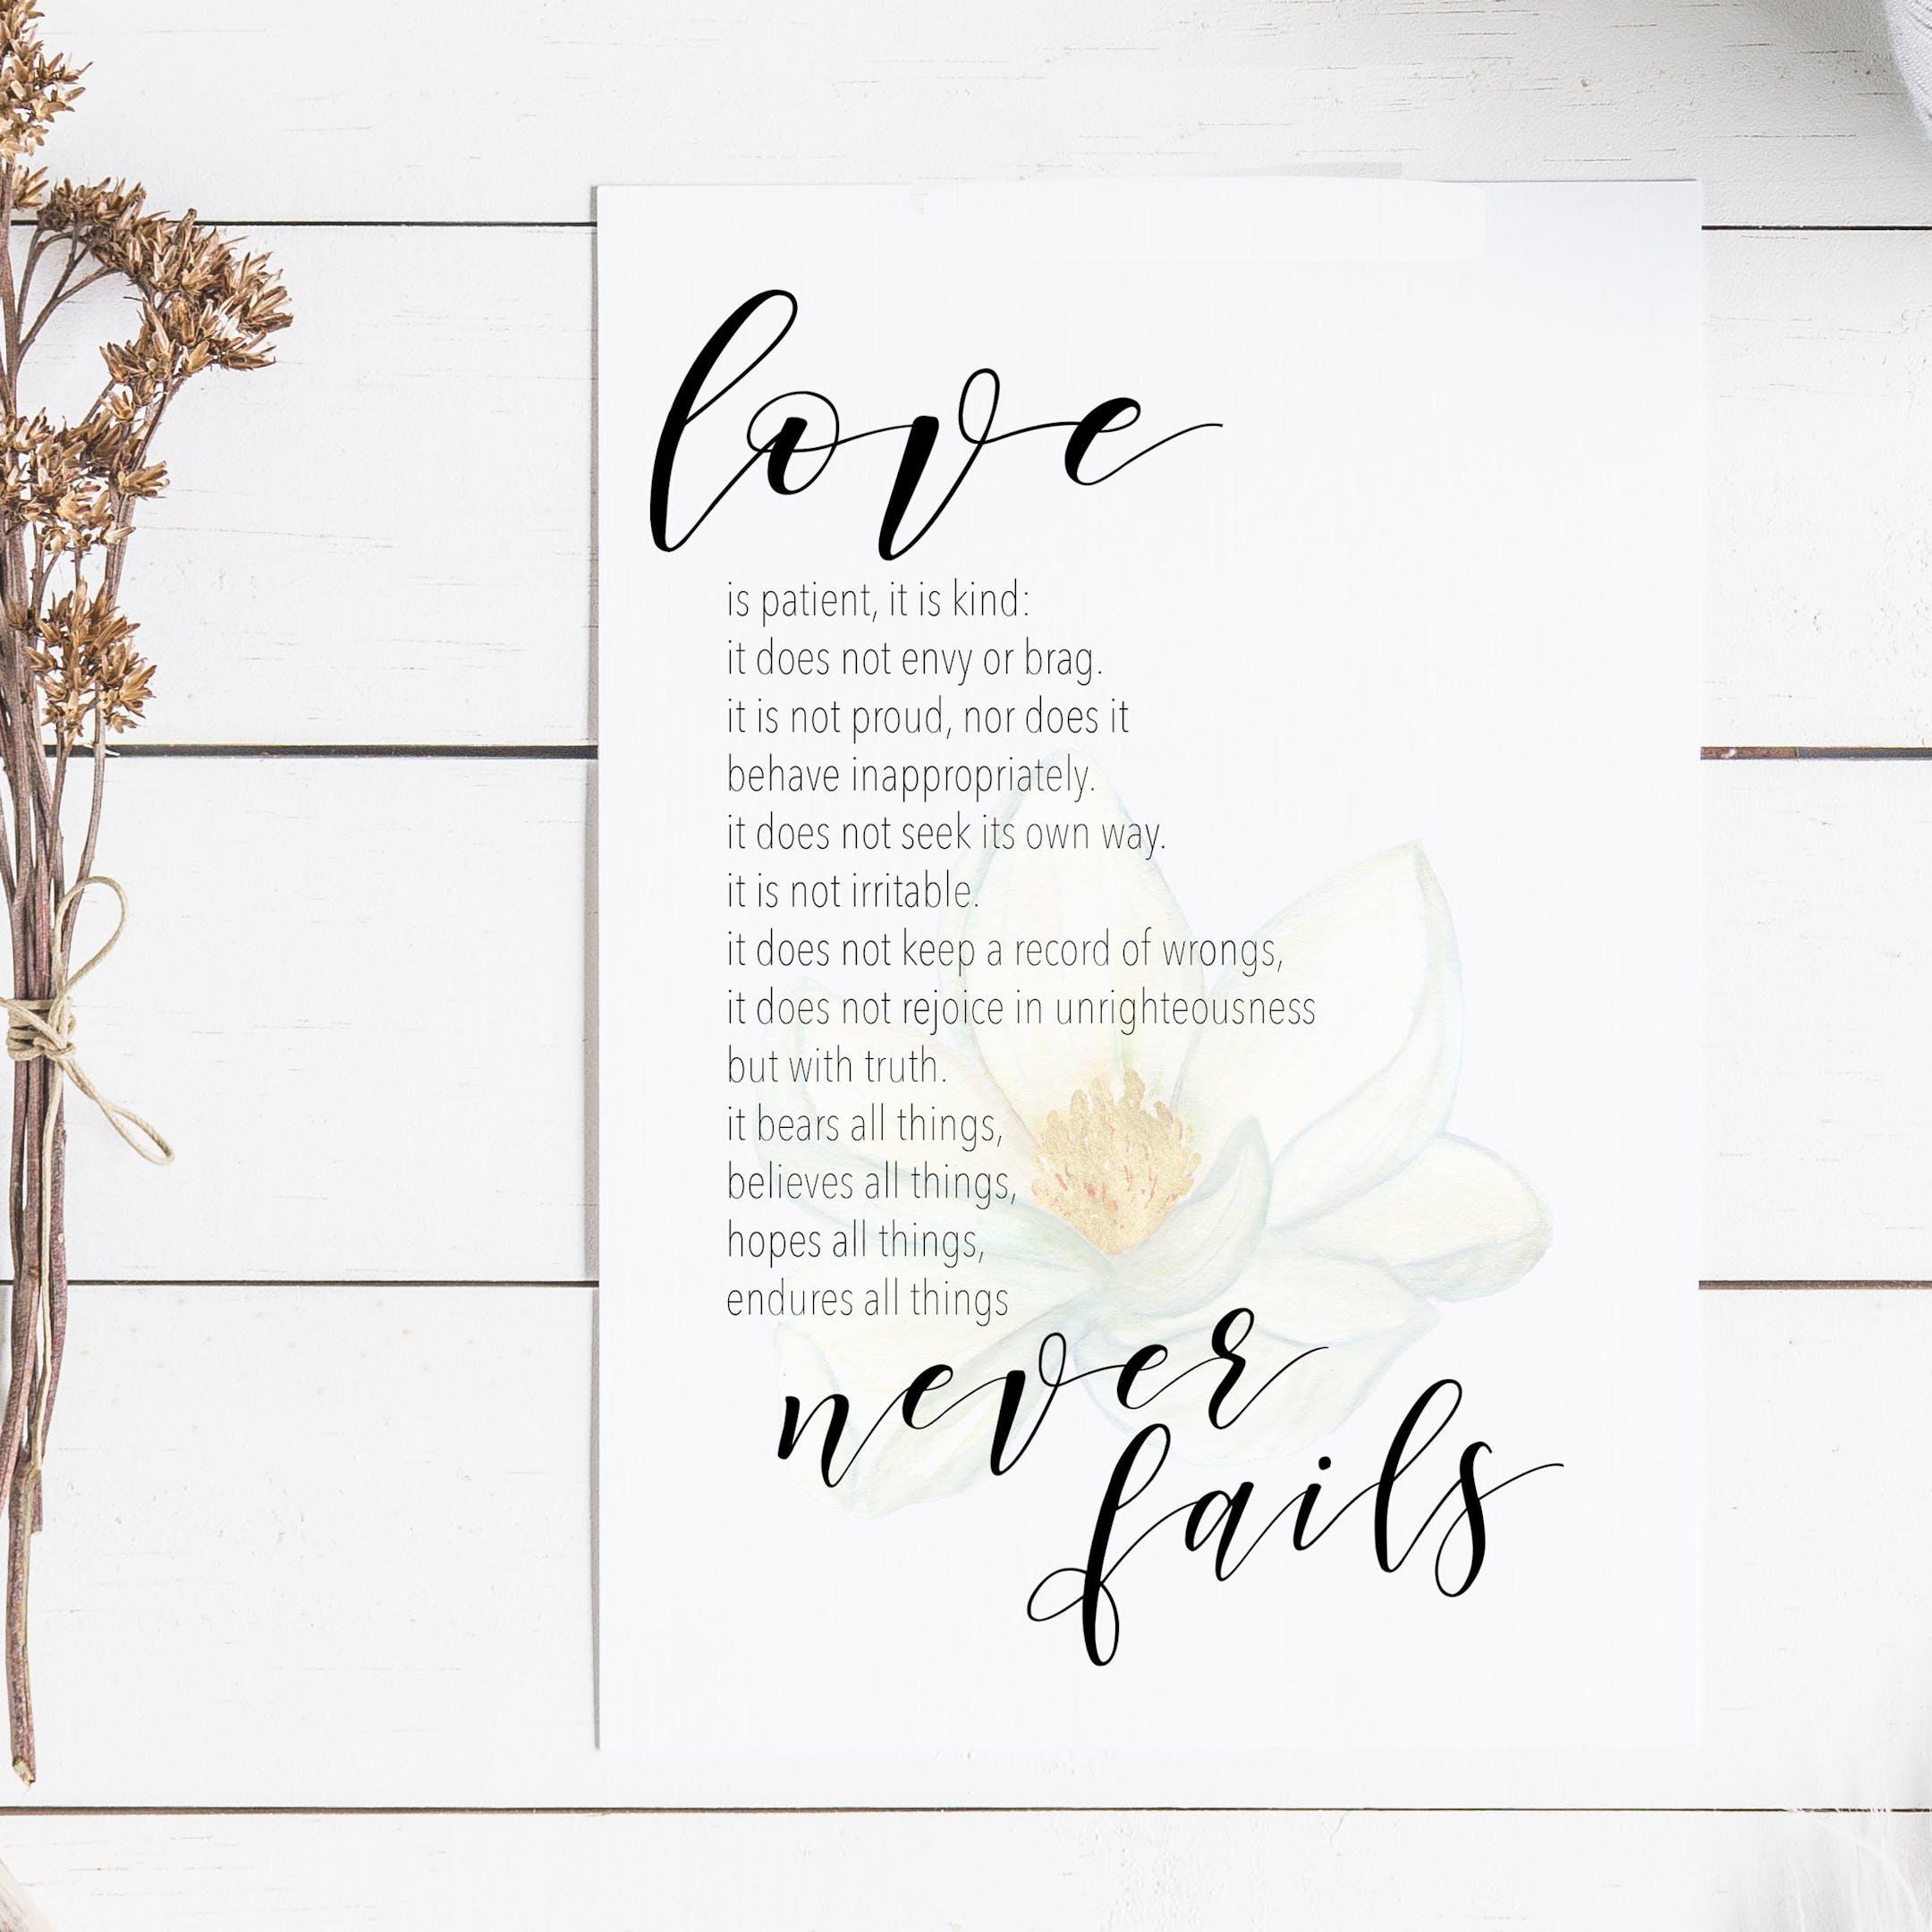 1 Corinthians 13:4-8 Floral Print - Love Never Fails - Christian Lettering Company